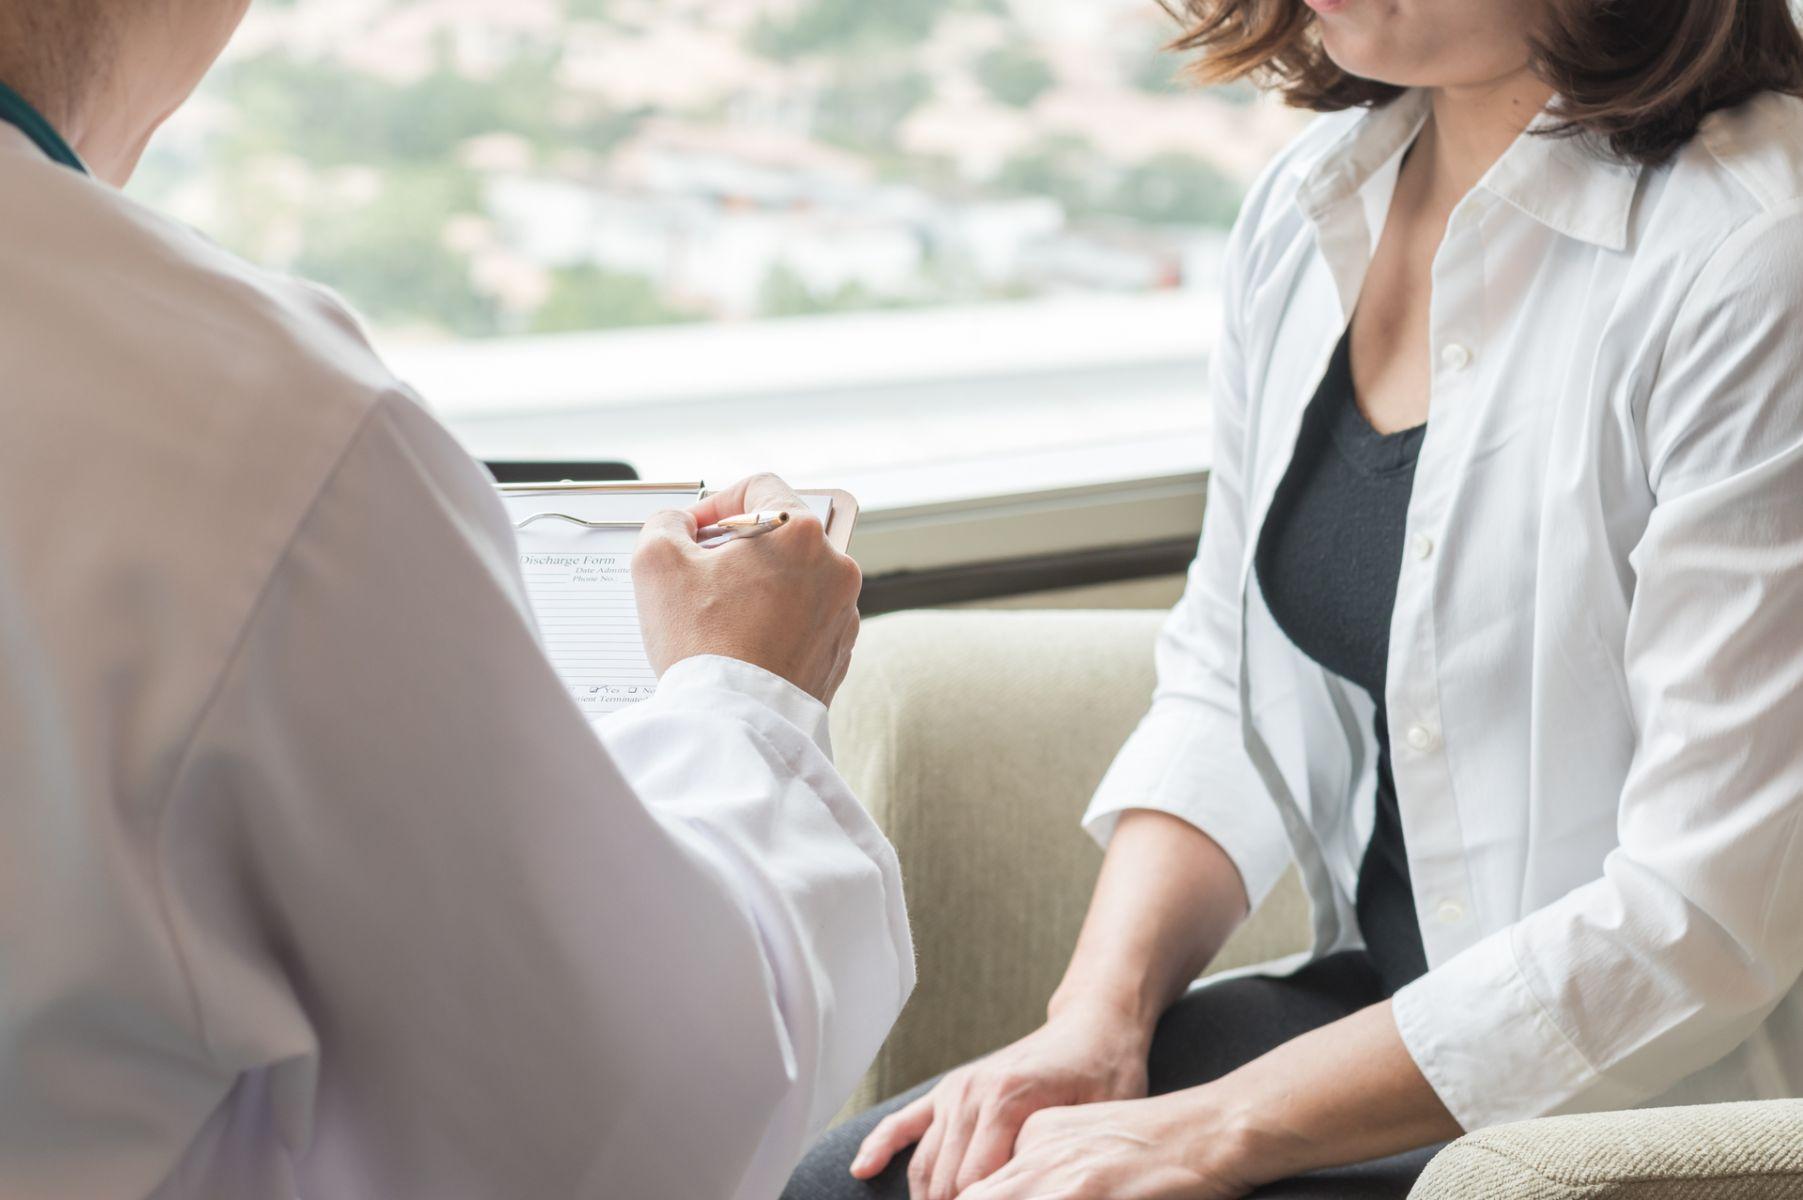 以為更年期才亂經,不料竟是子宮內膜癌三期!出現不正常陰道出血、月經期拉長快就醫!